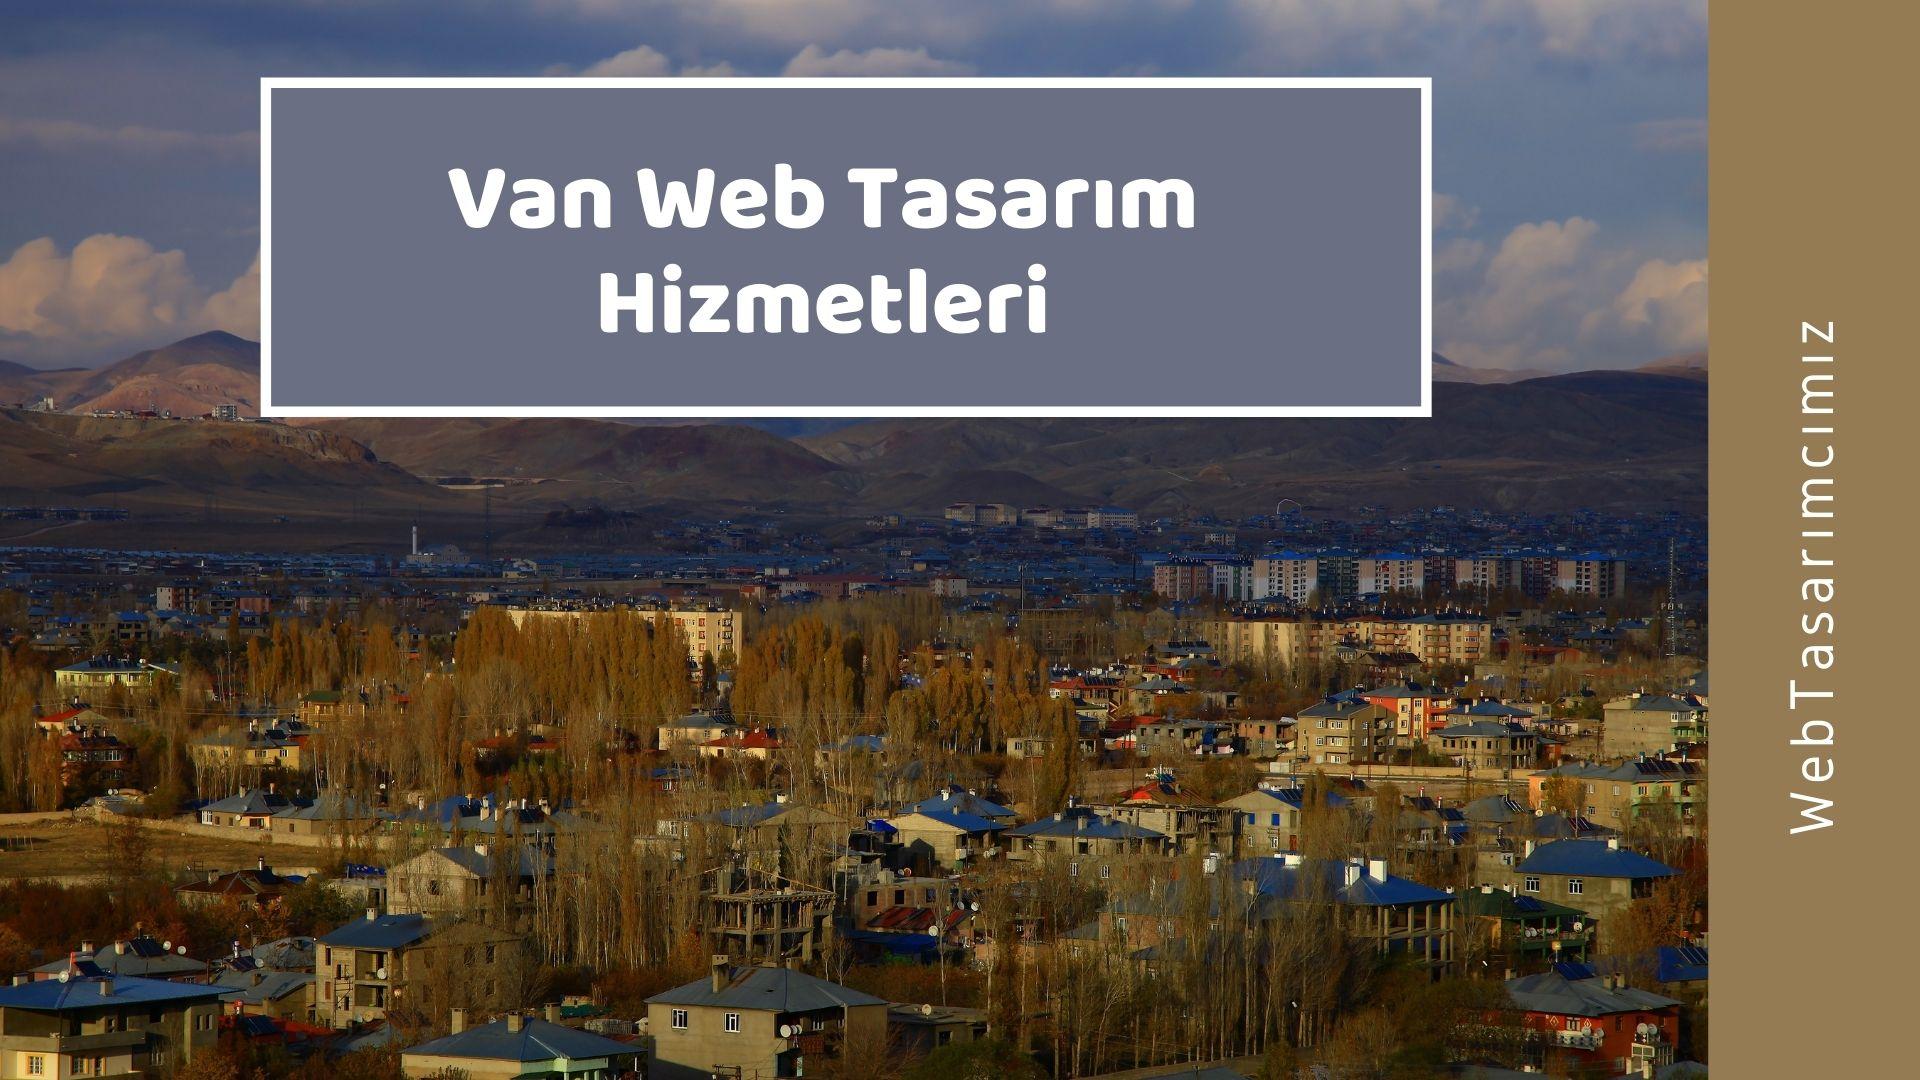 Van Web Tasarım Hizmetleri